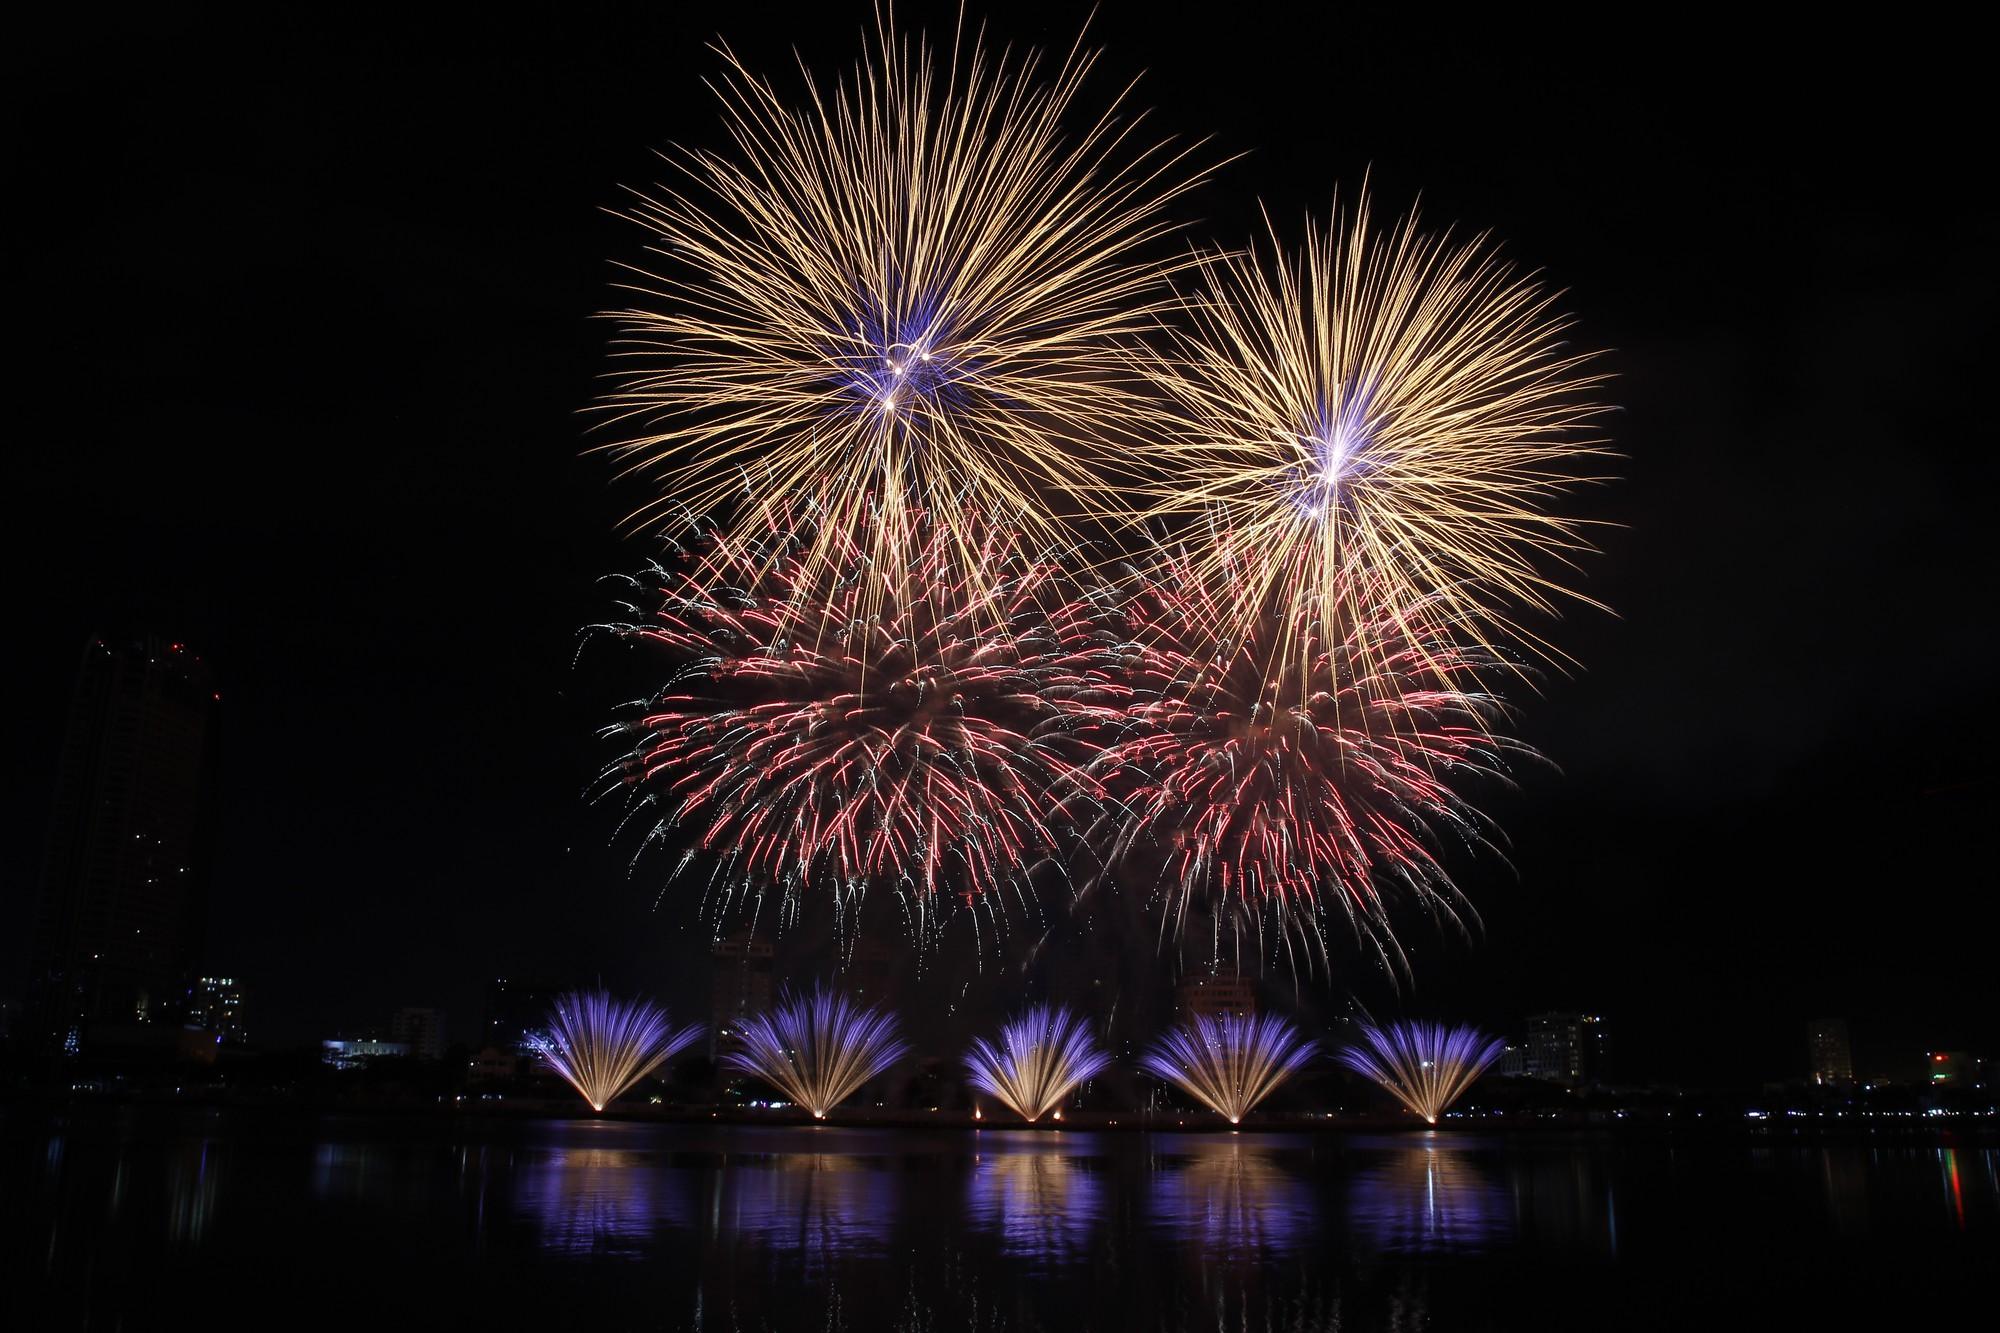 Điểm danh những địa điểm đẹp nhất xem pháo hoa Quốc tế Đà Nẵng 2019 - Ảnh 1.